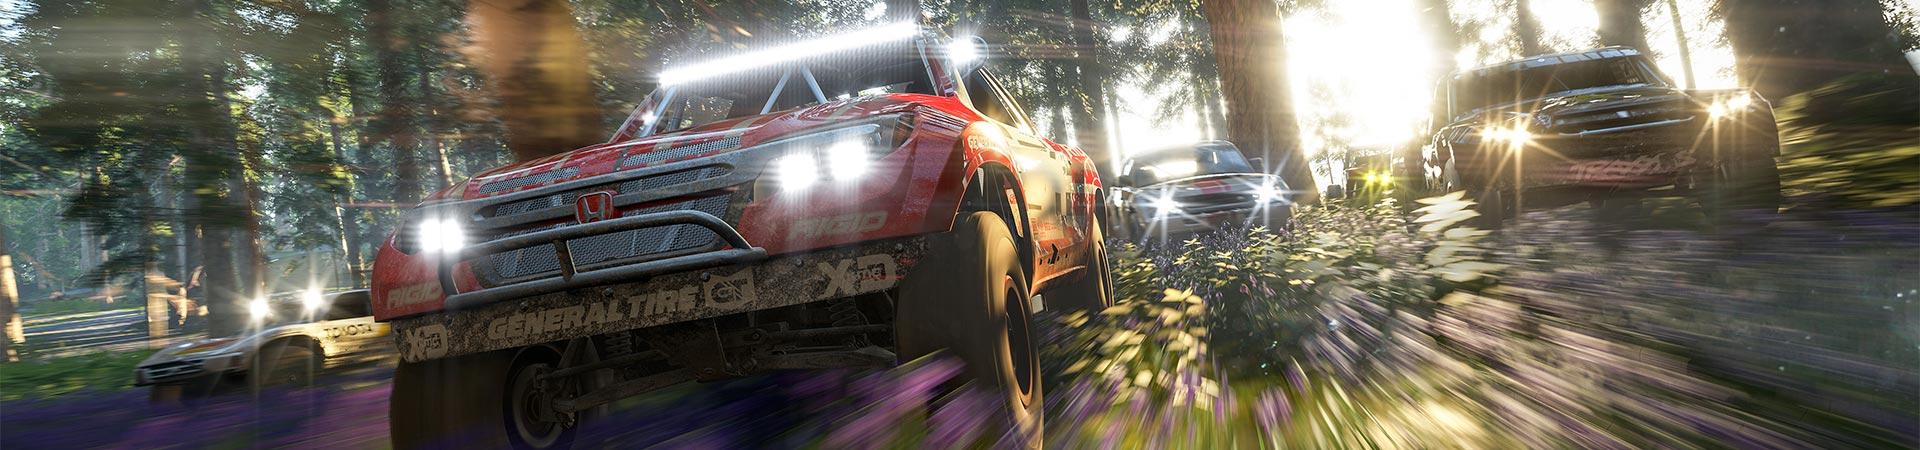 MainSlider-ForzaHorizon4